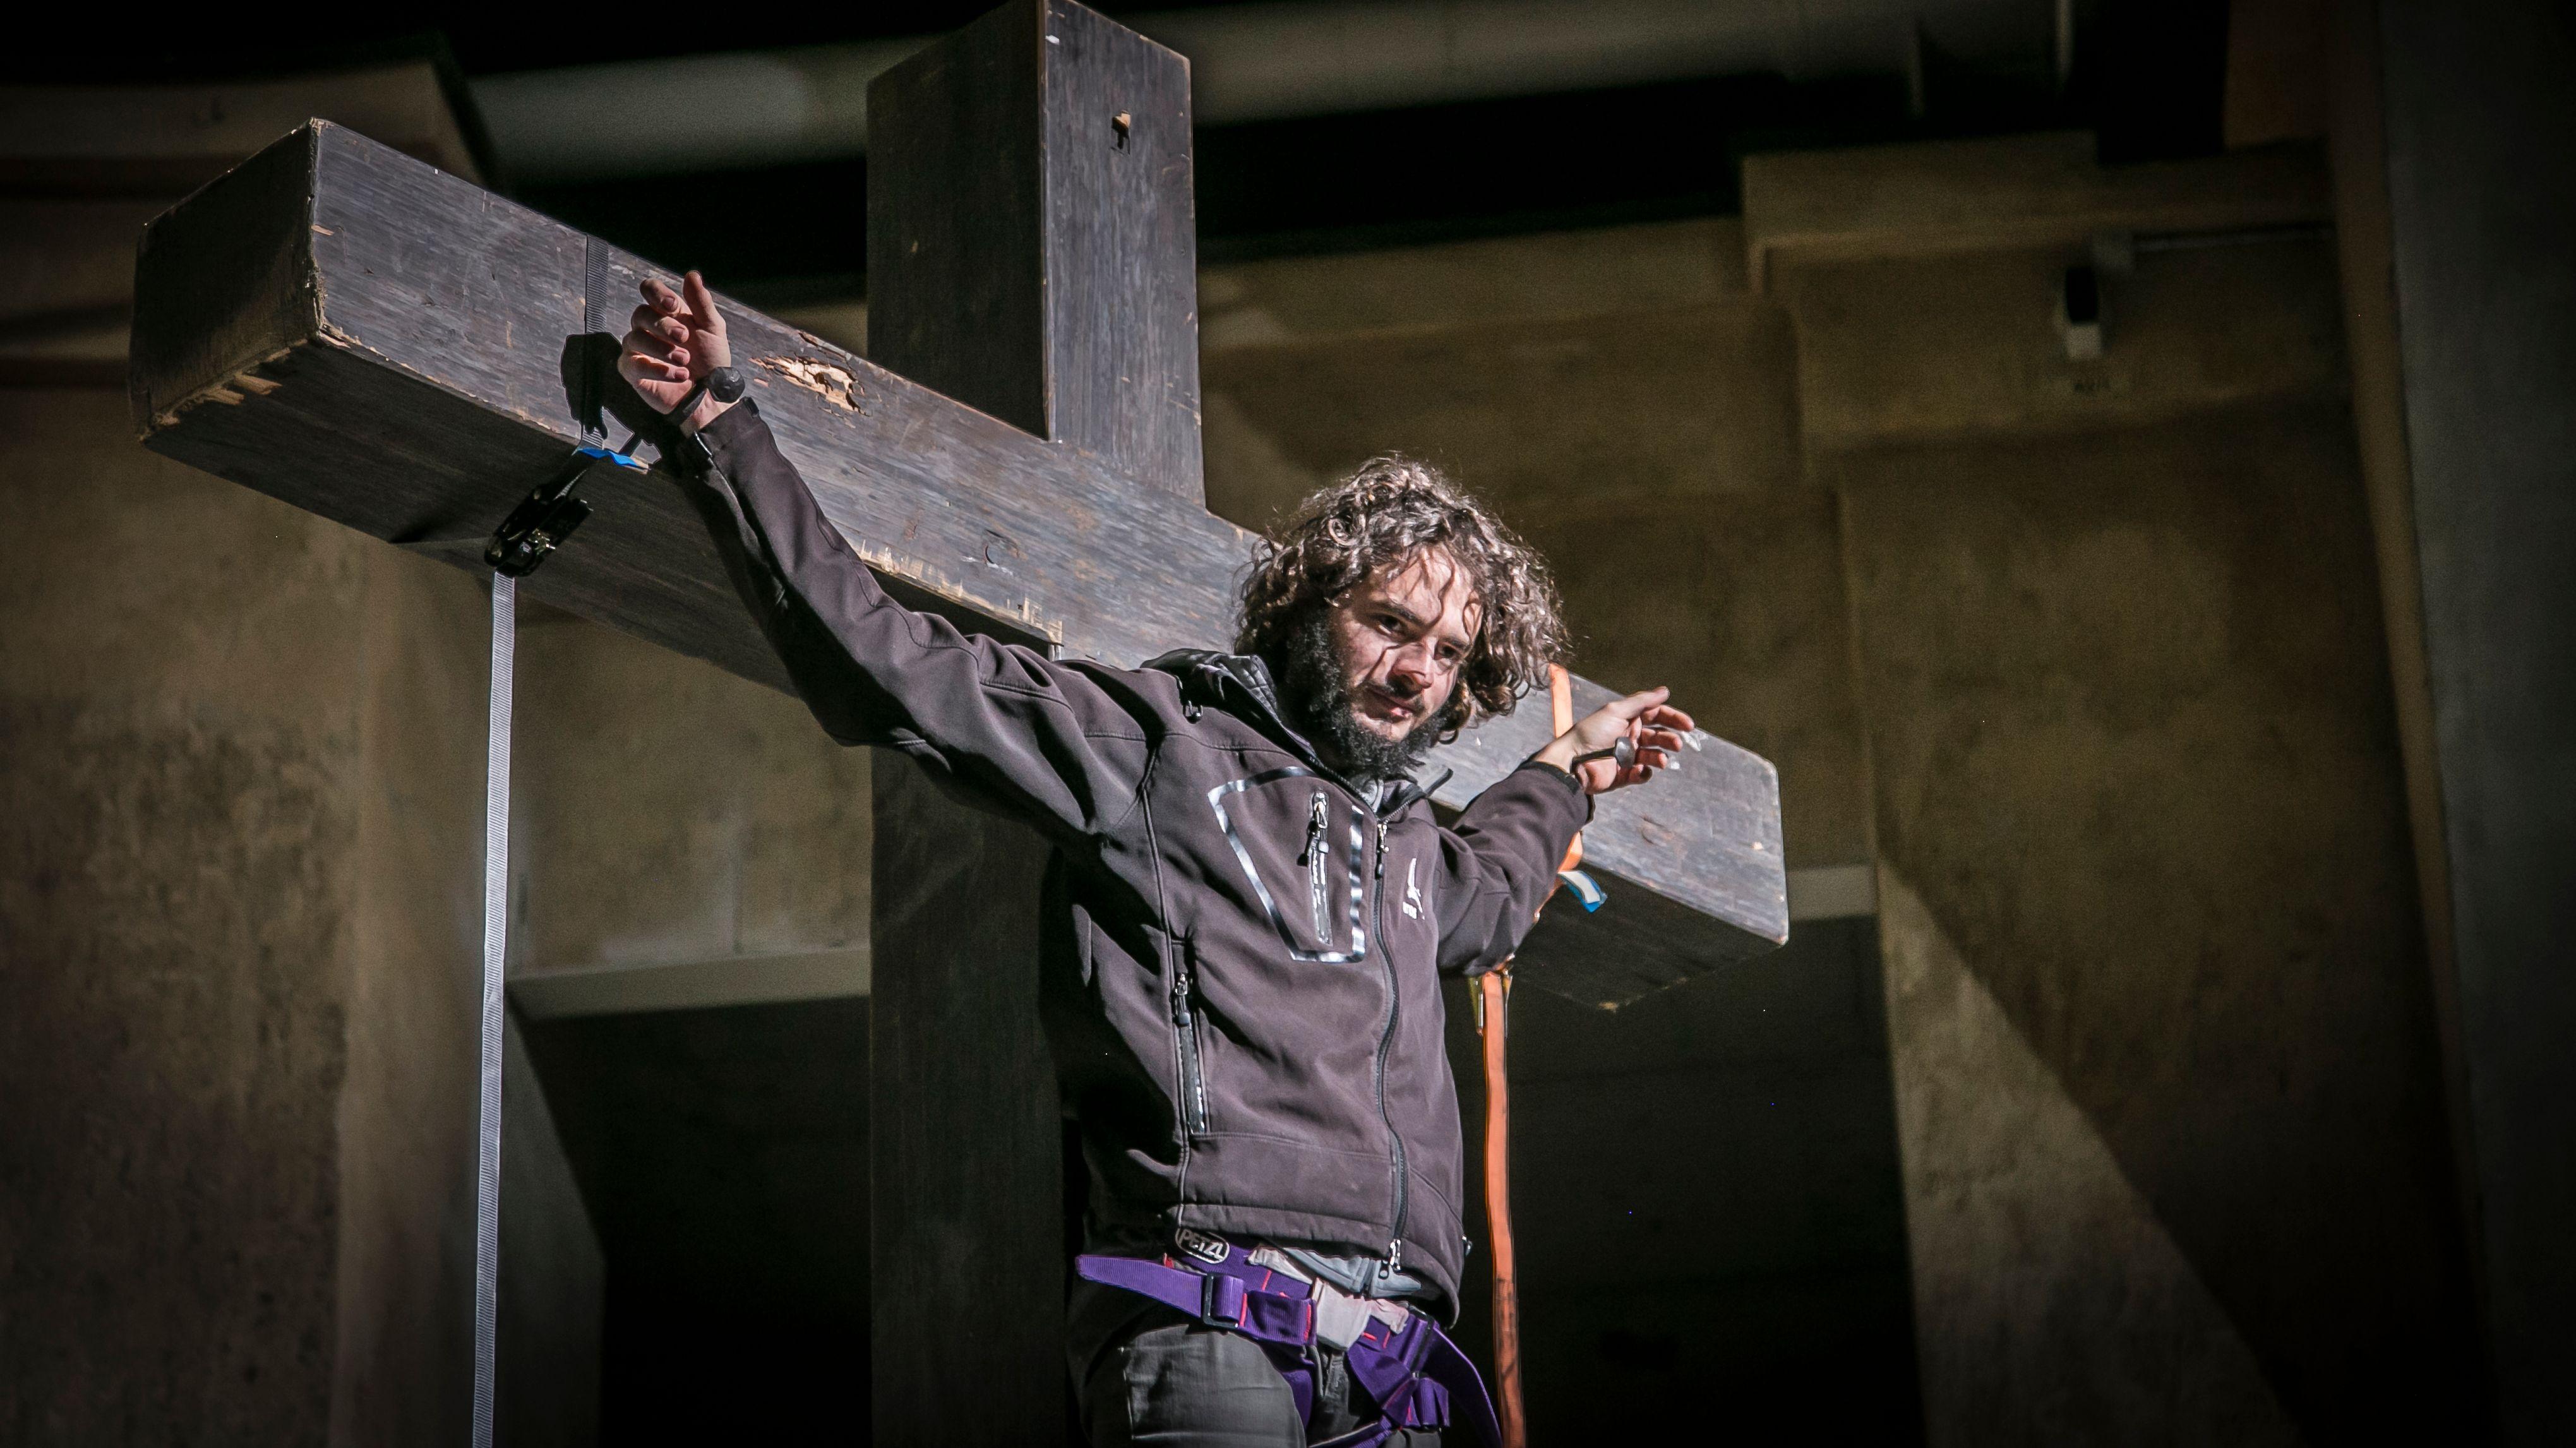 Der neue Oberammergauer Jesus-Darsteller Rochus Rückel hat seine erste Kreuzigungsprobe bestanden.